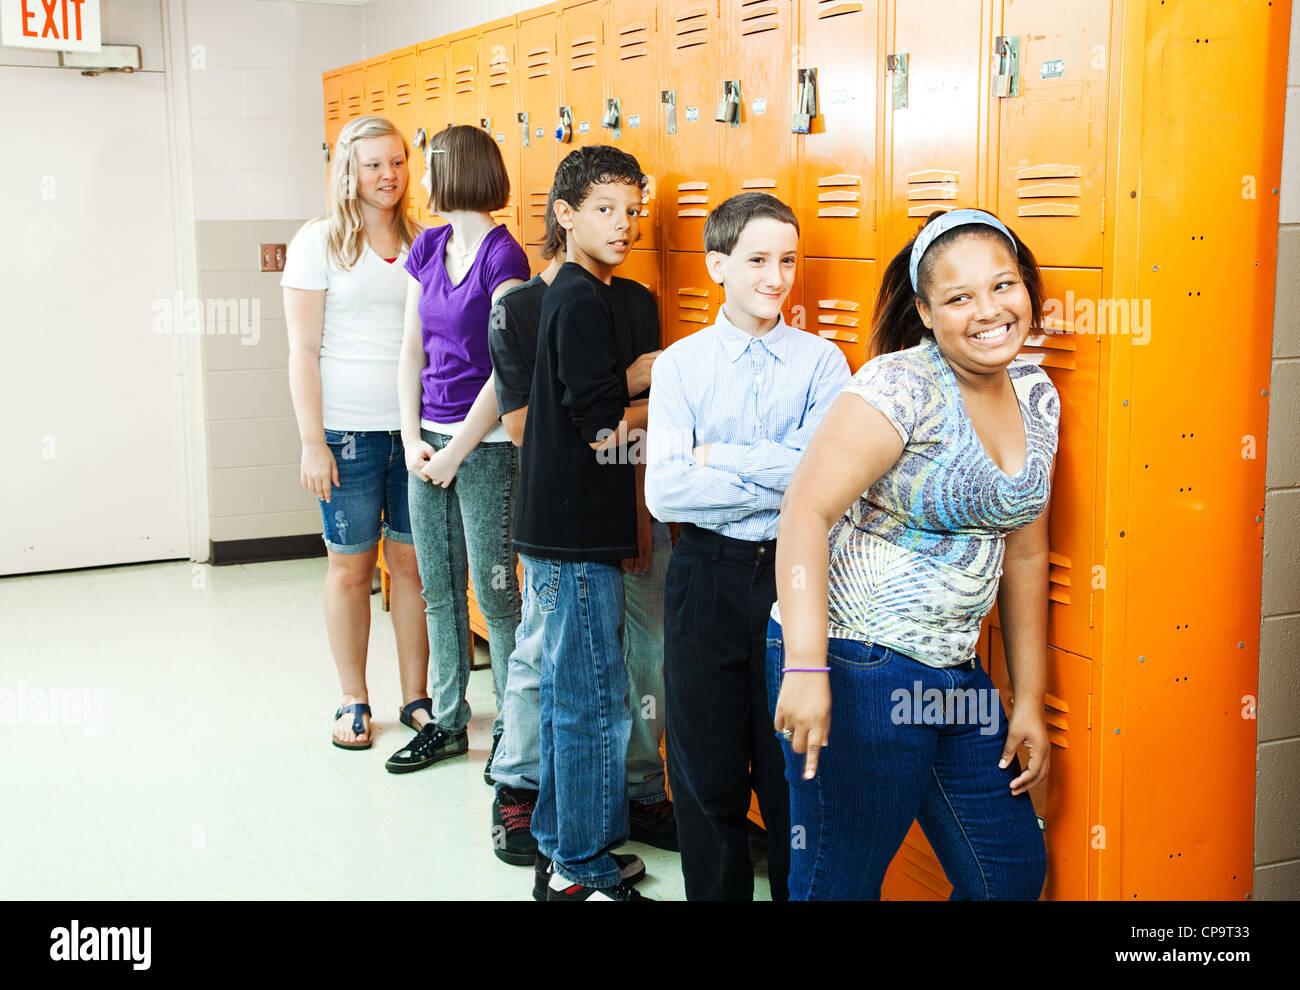 Diversi gruppi di adolescenti studenti presso la loro scuola di armadietti tra classi. Immagini Stock